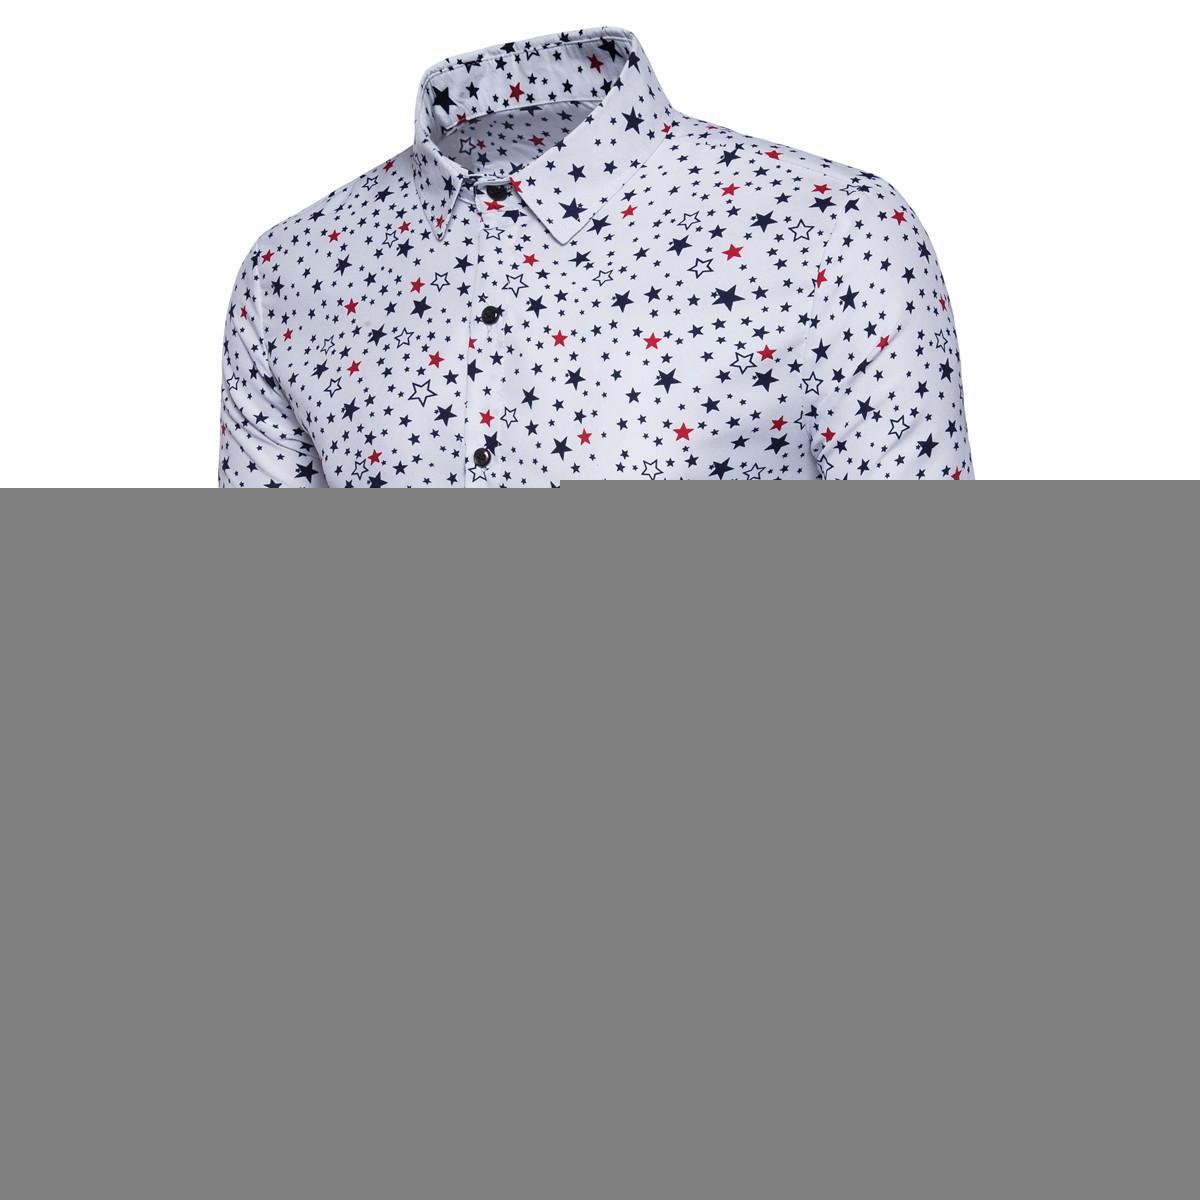 Новый 3D пятиконечные звезды печатных Мужские рубашки повседневная мужская с длинным рукавом рубашки Slim Fit Homme